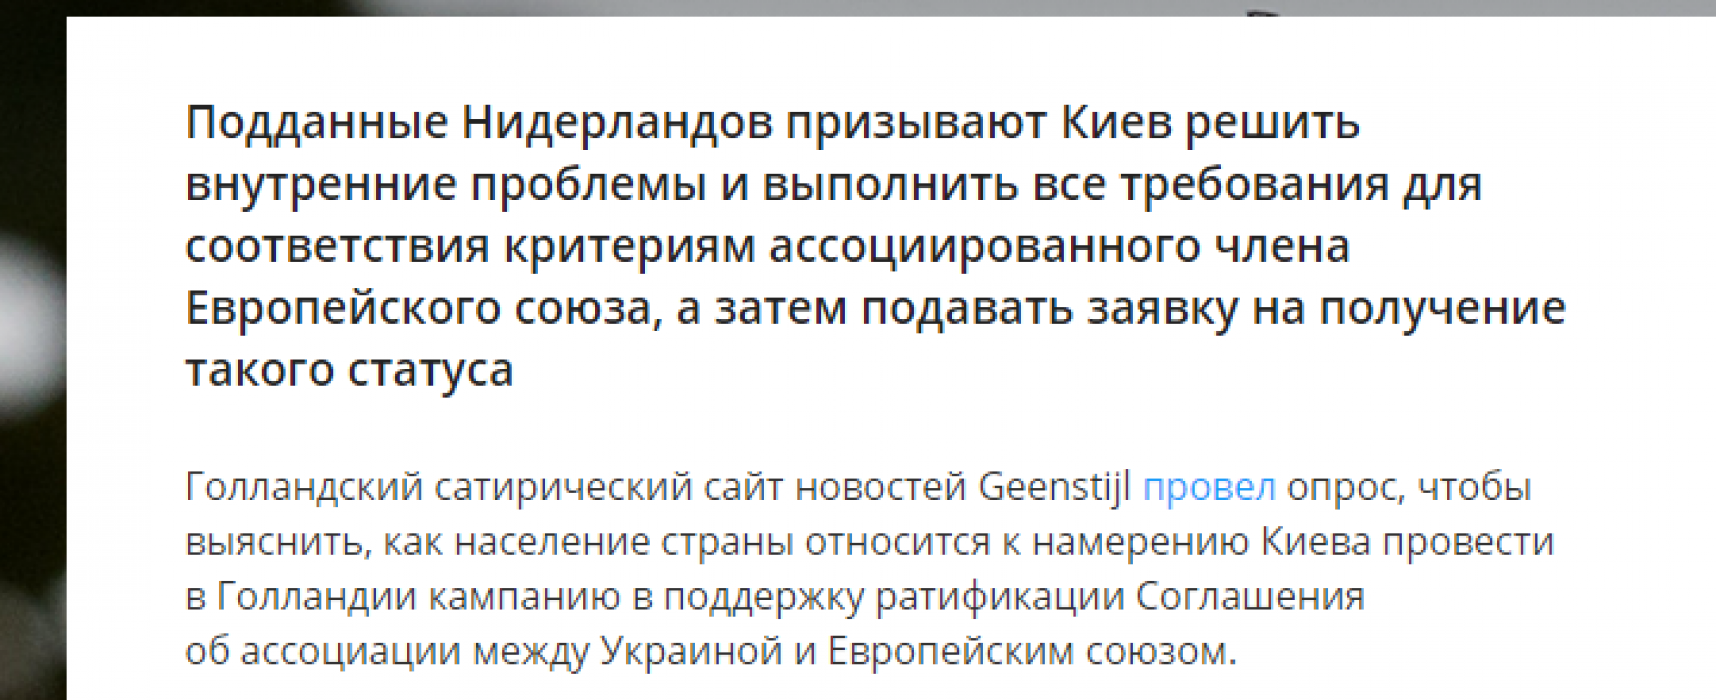 Голландский блог назвал Украину «Олигархстаном» и призывает байкотировать референдум